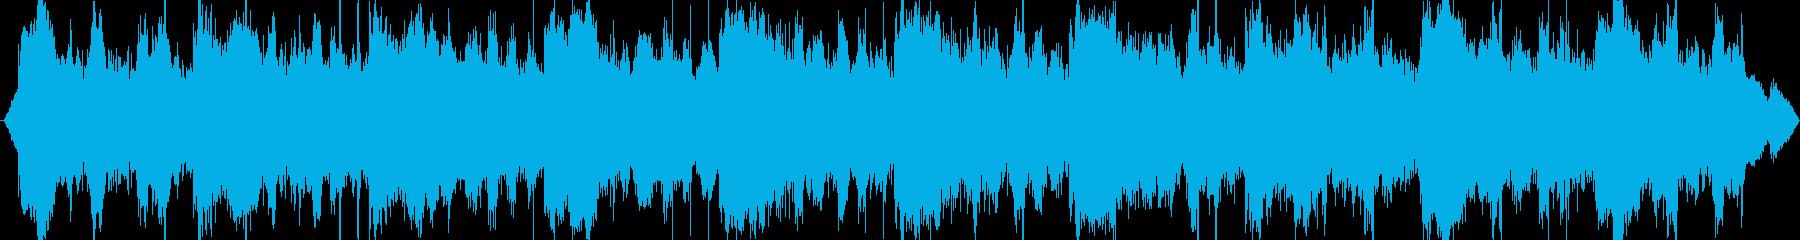 宇宙基地サイレンの再生済みの波形